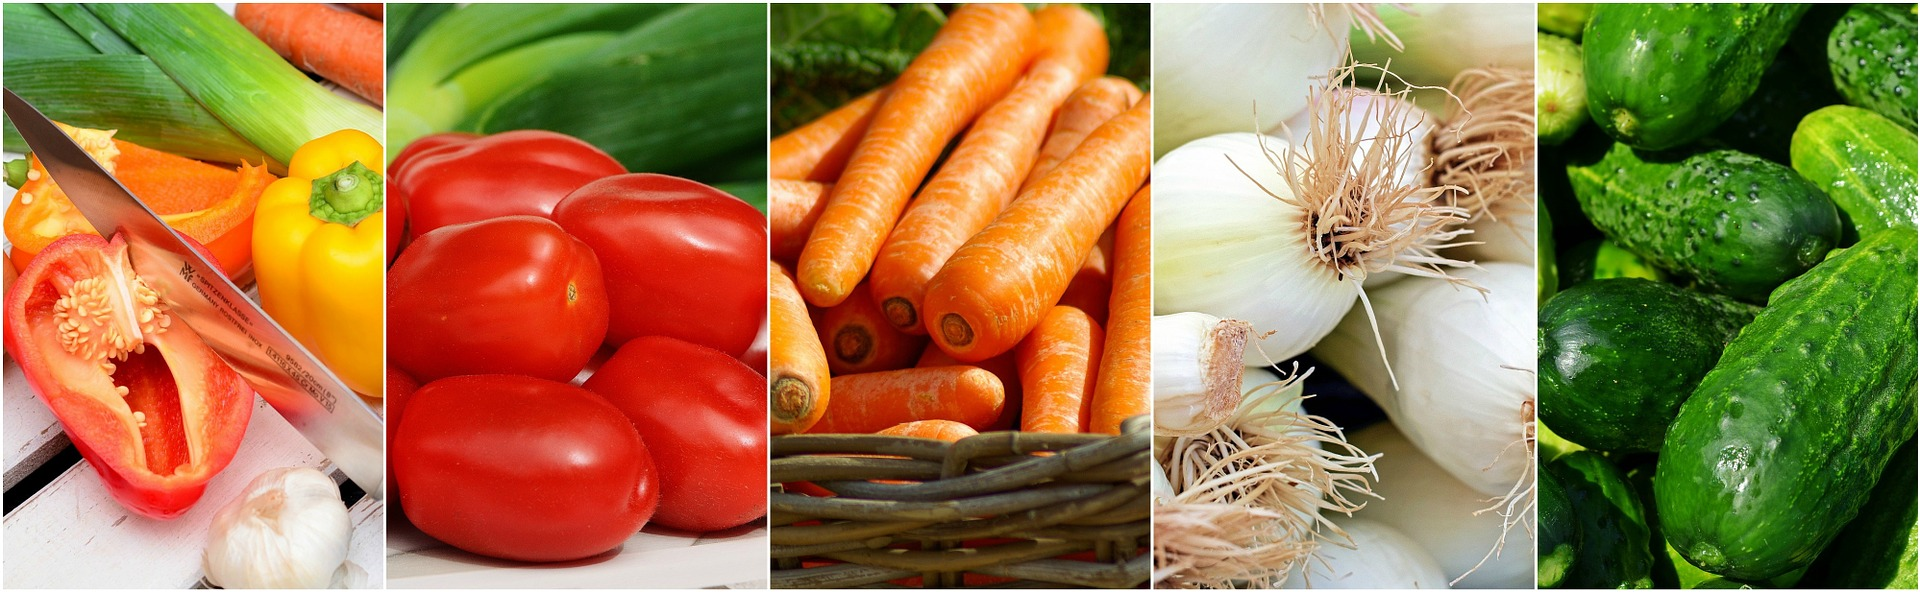 vegetables-1499905_1920